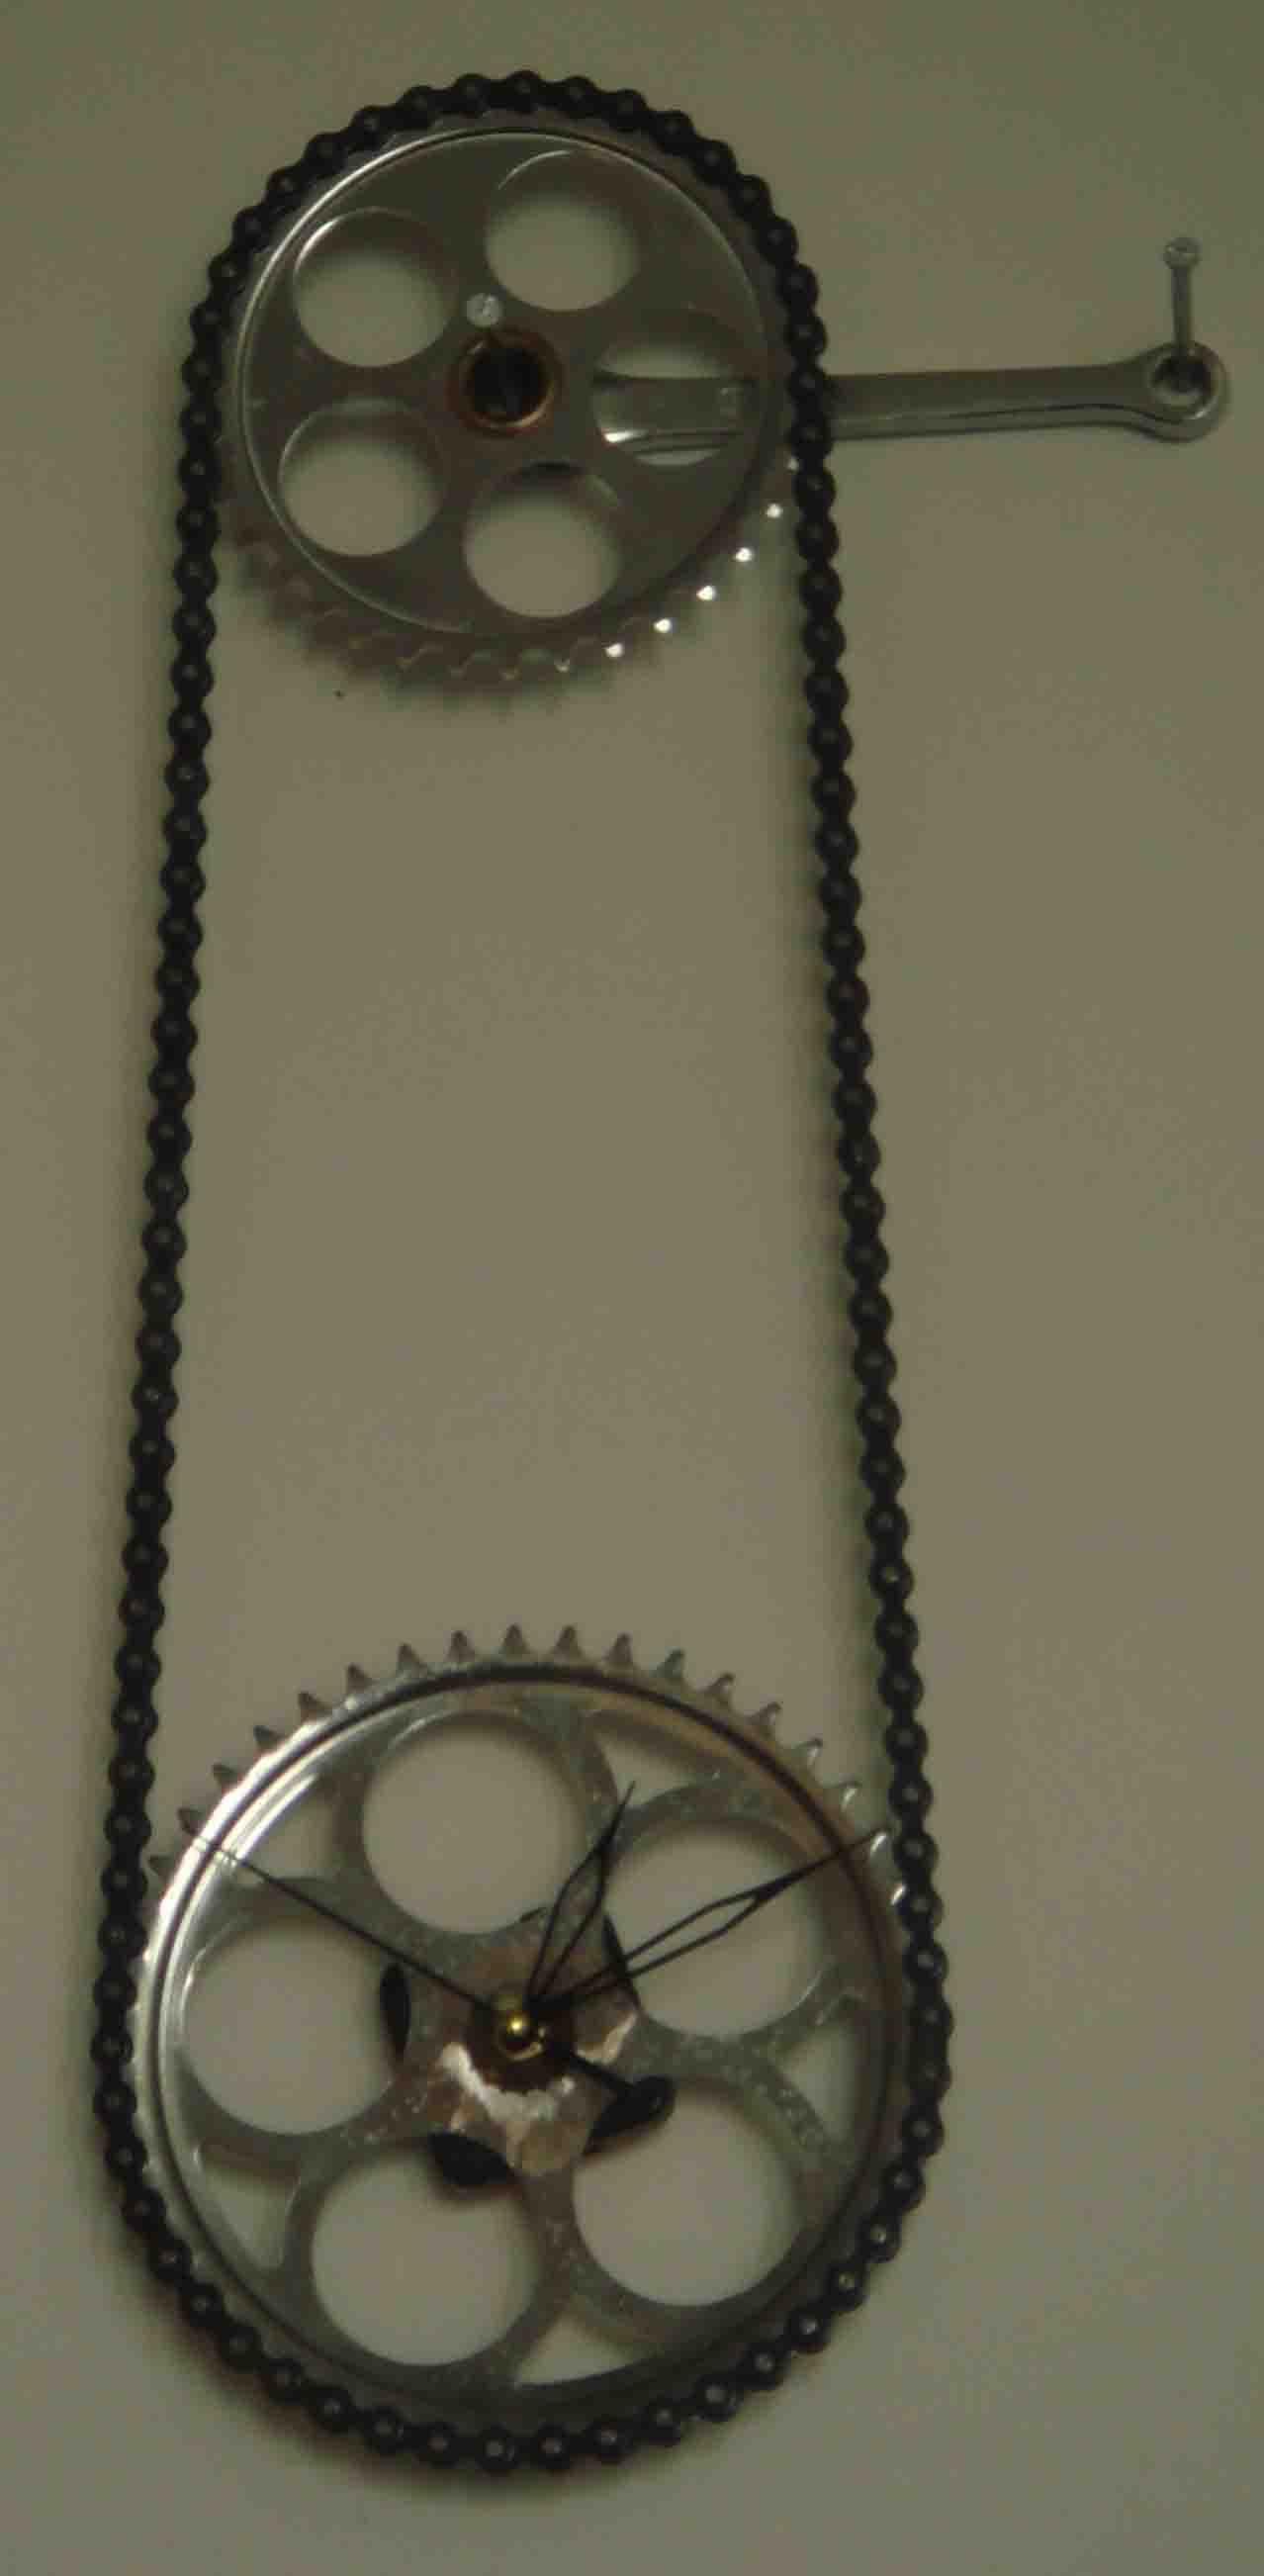 自行车的链条变成钟 校园里的设计高清图片